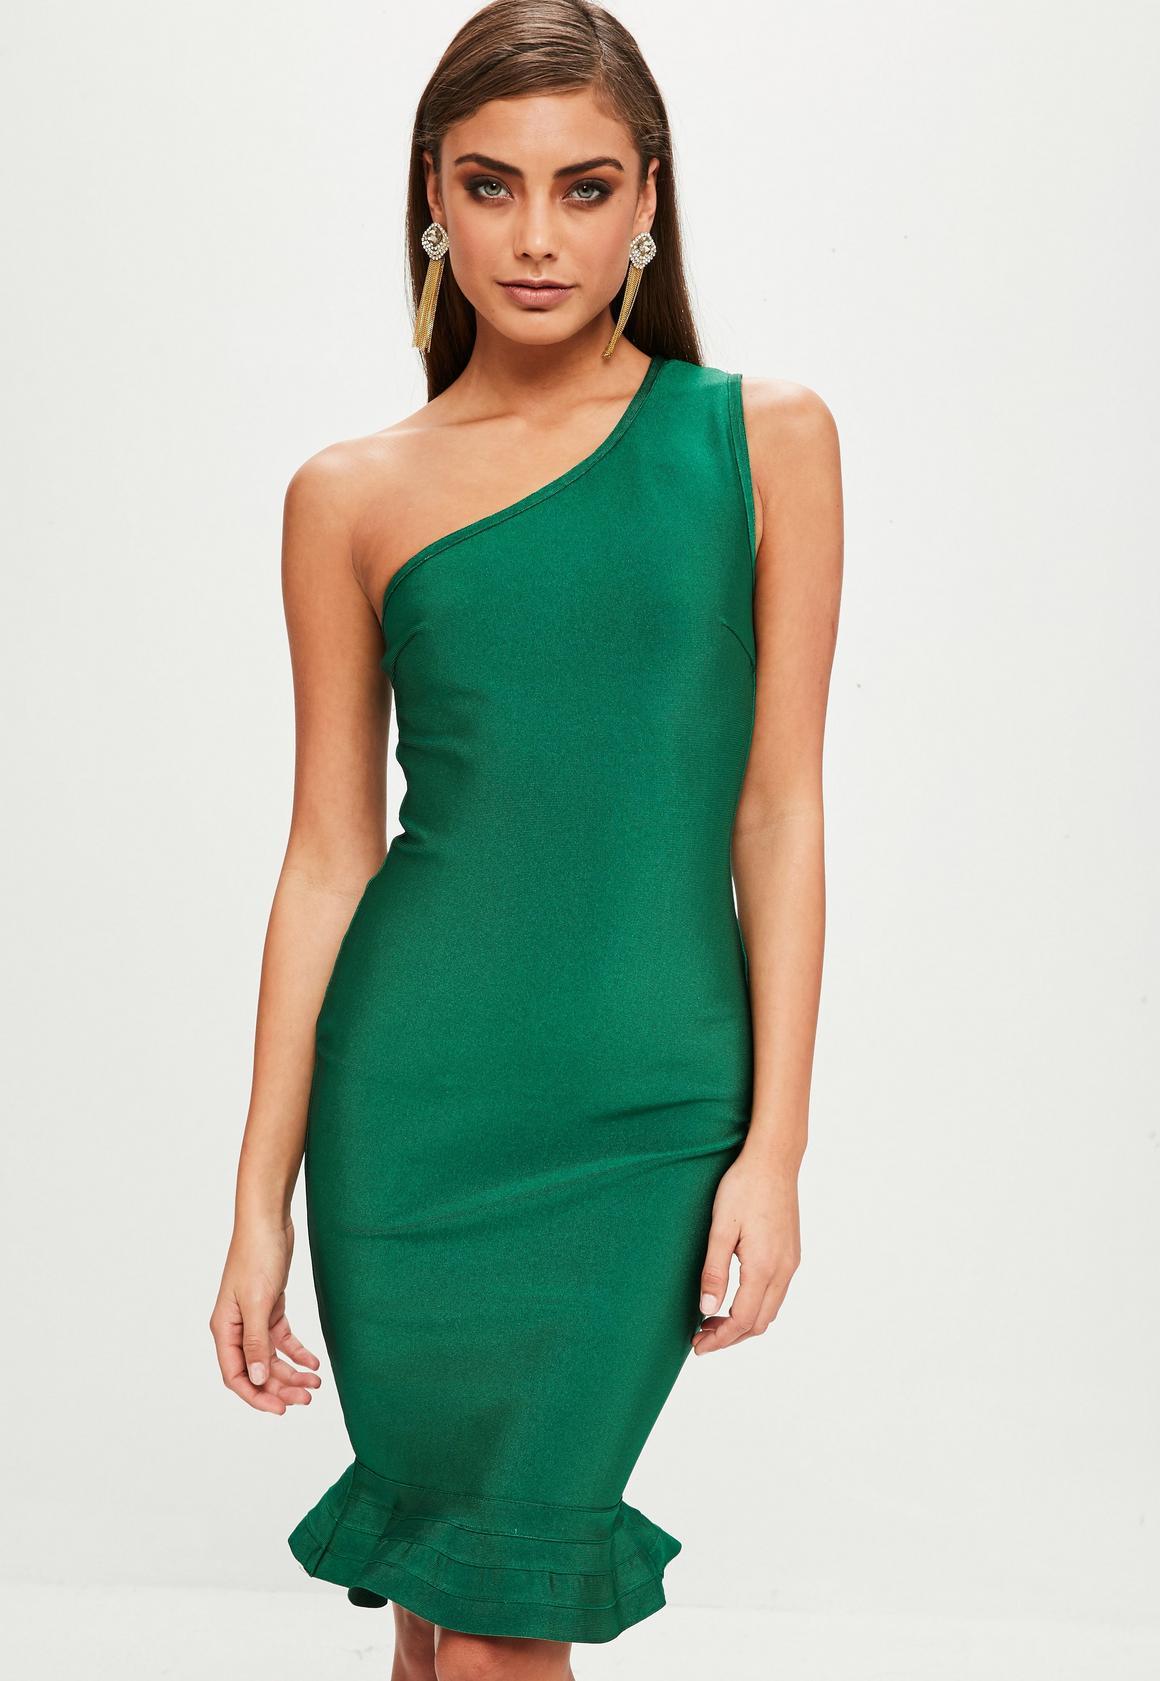 One Shoulder Green Cocktail Dress